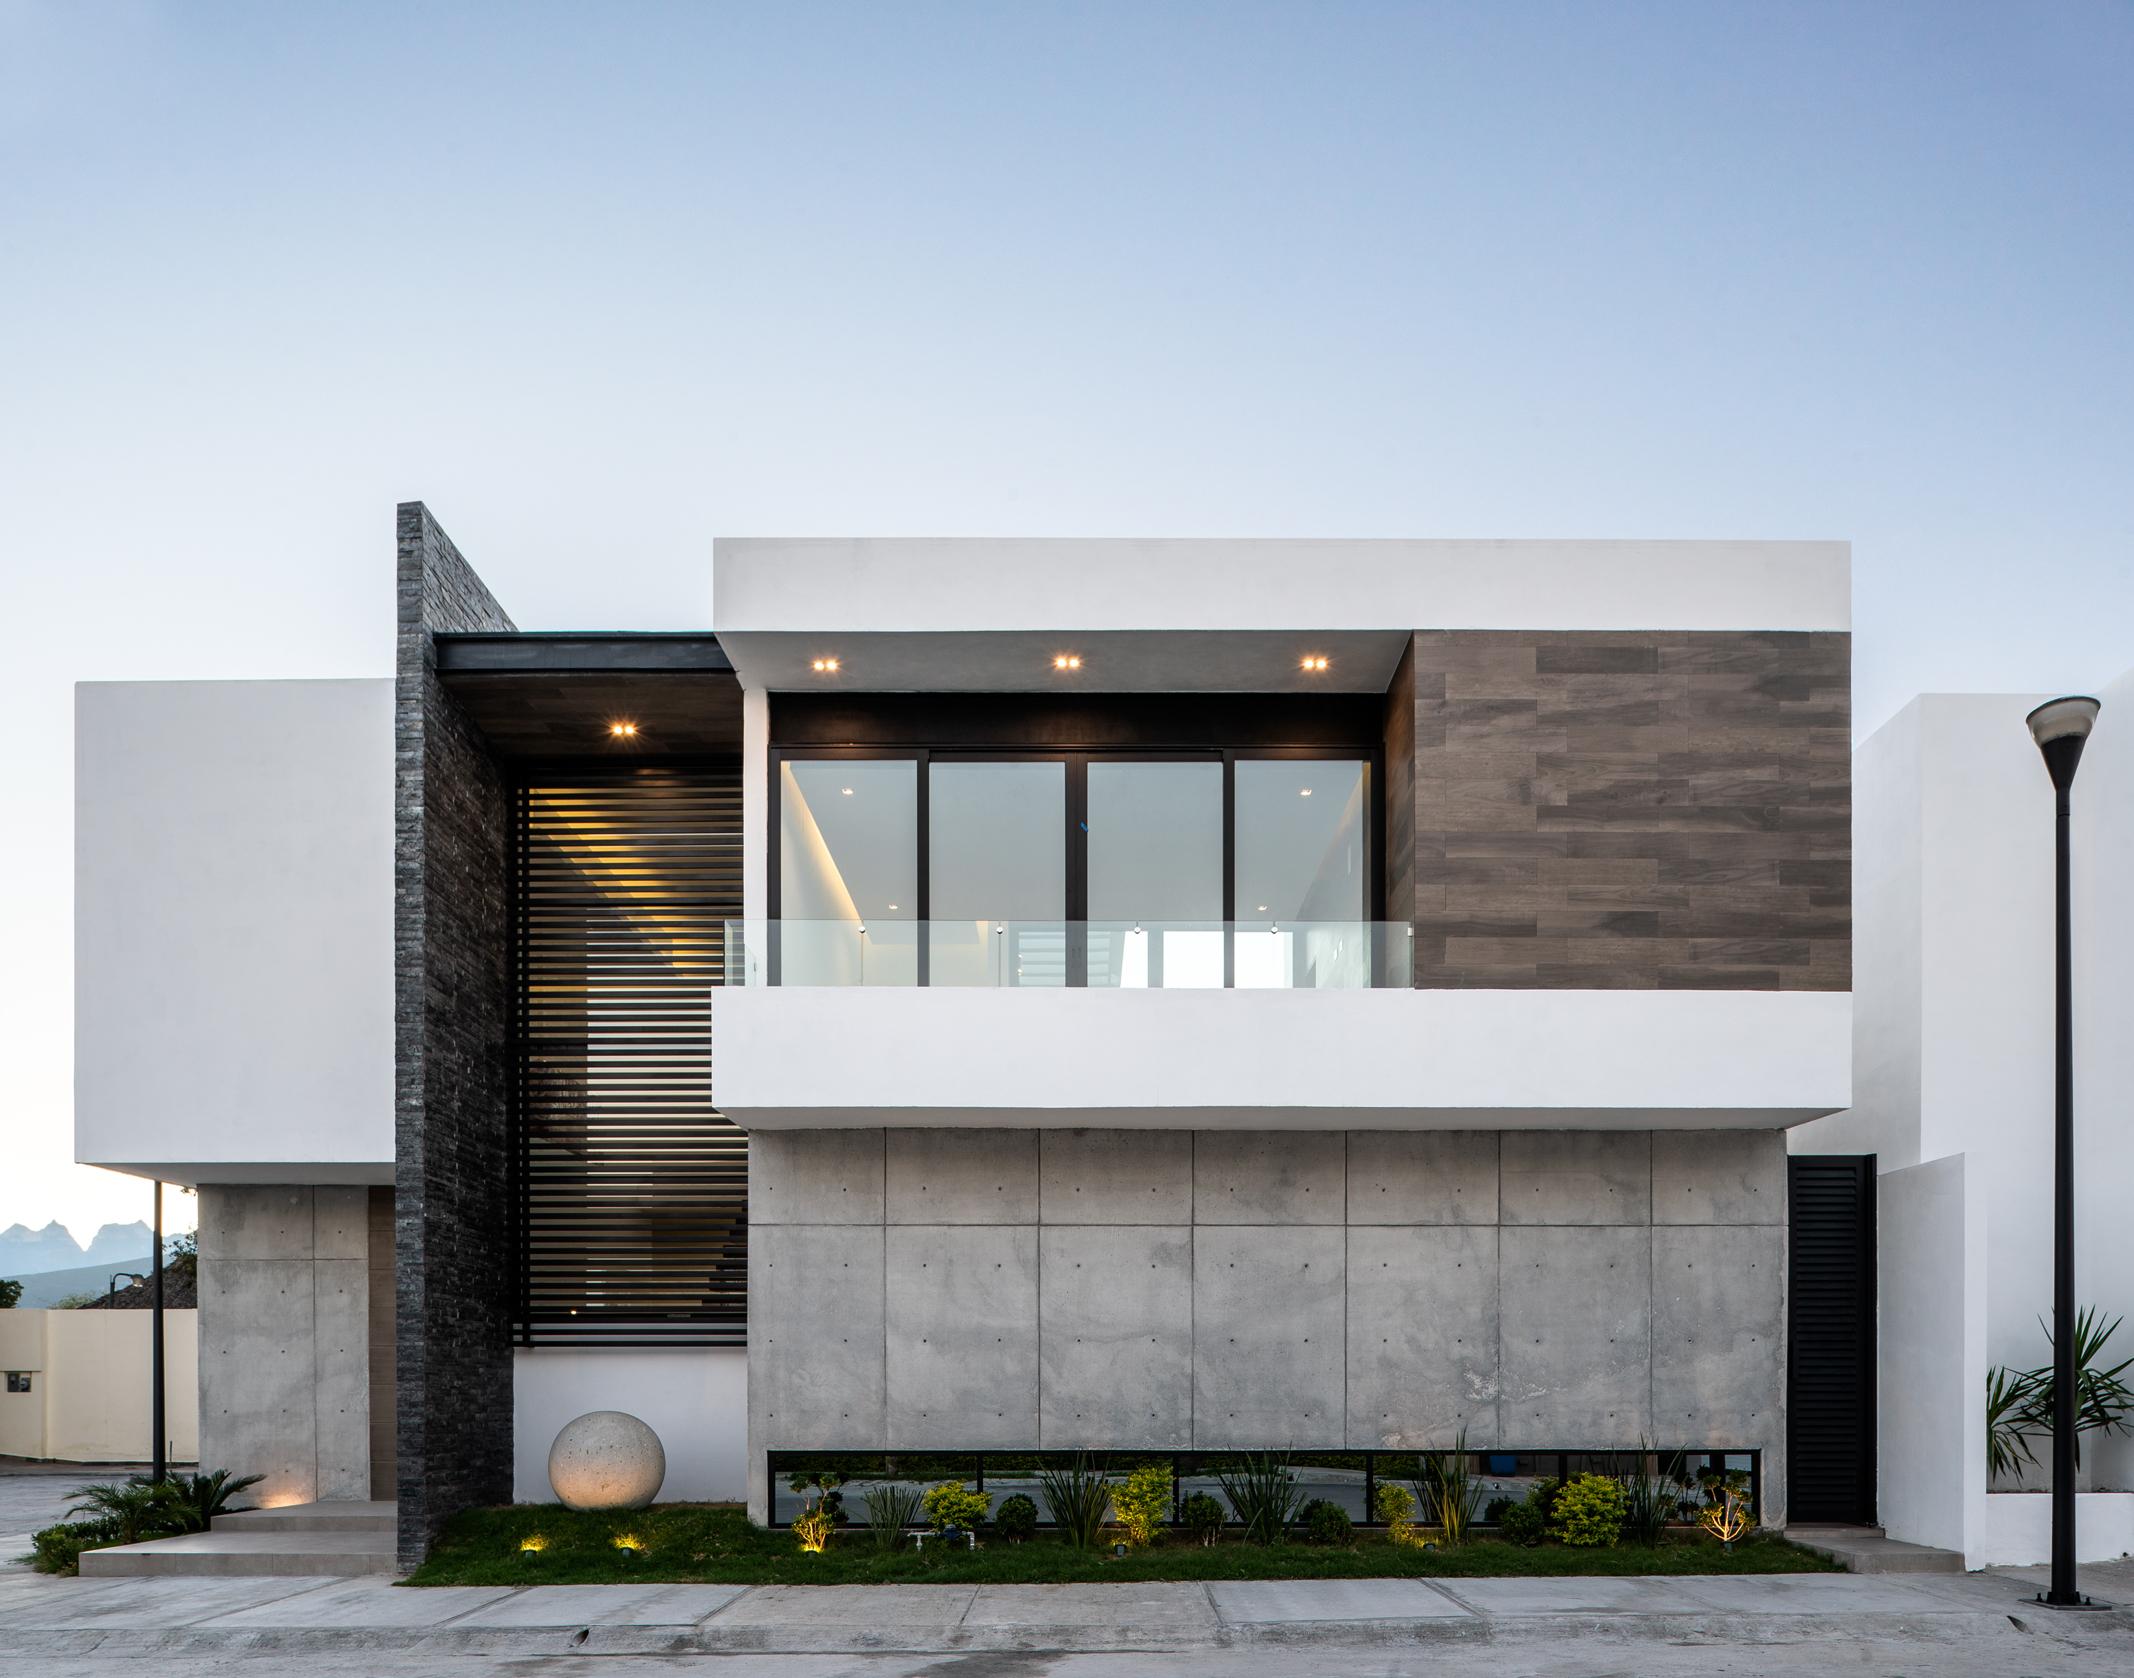 Encomienda House